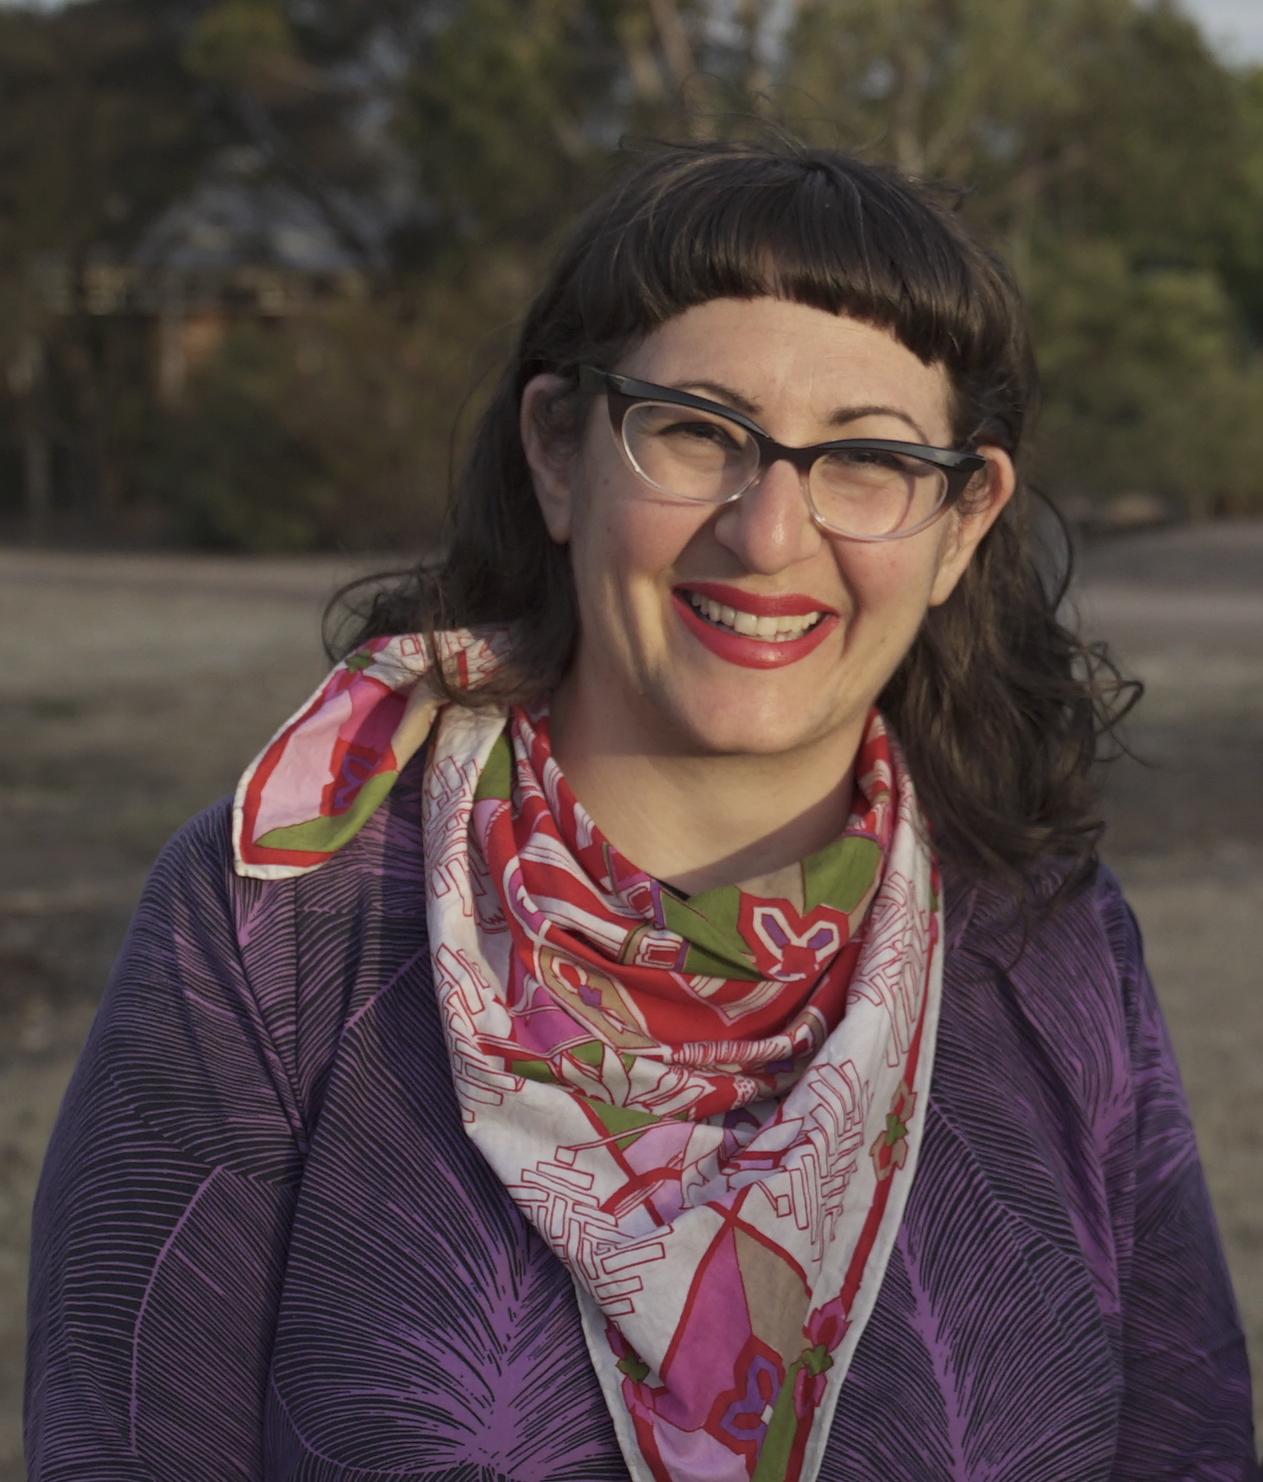 Nicole Barakat, Photo by Zoe Scoglio